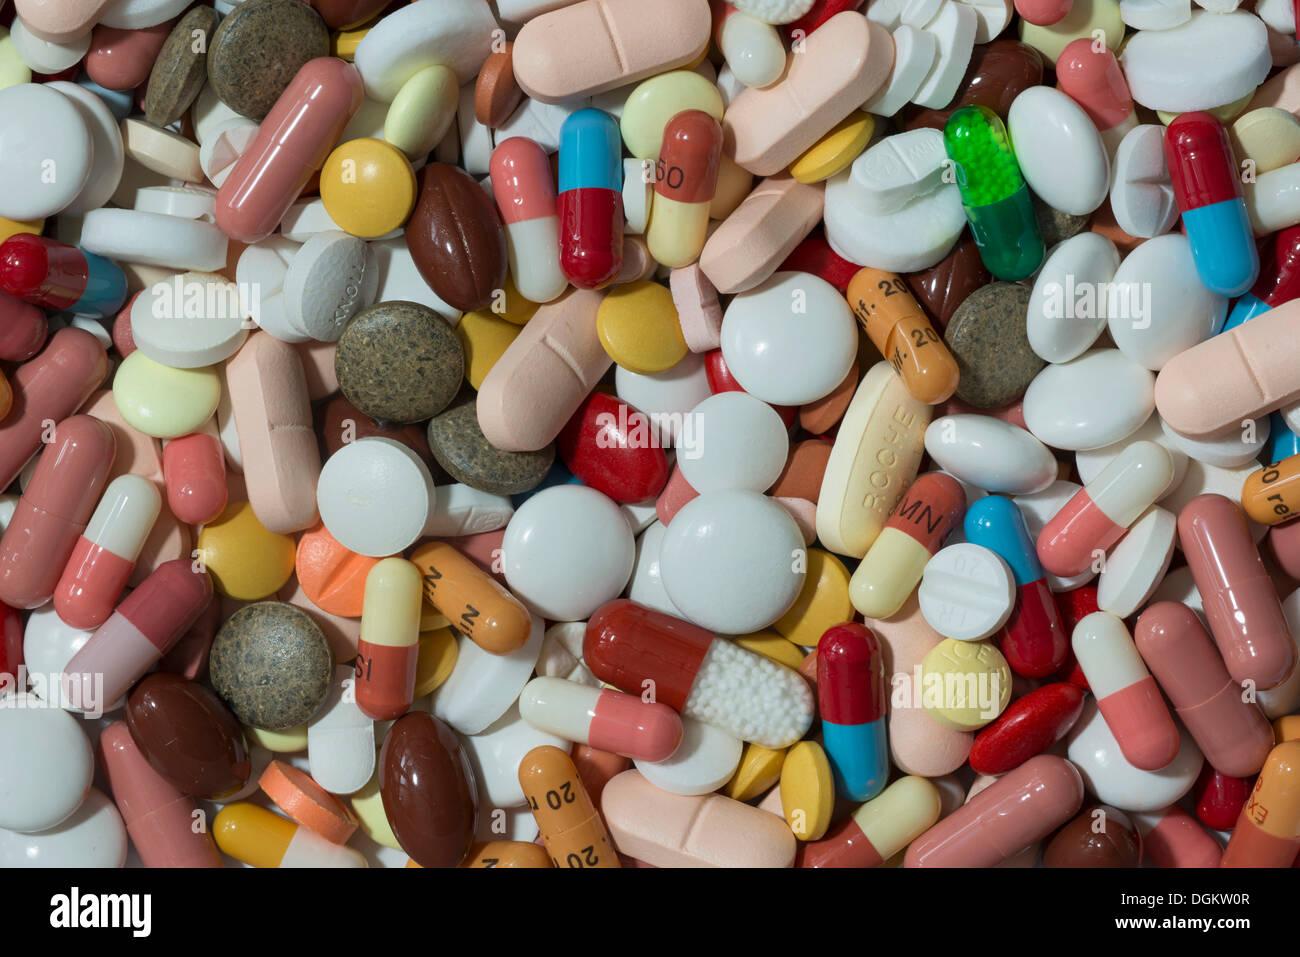 Couleur mixte comprimés, gélules, comprimés et enrobés, Allemagne Photo Stock